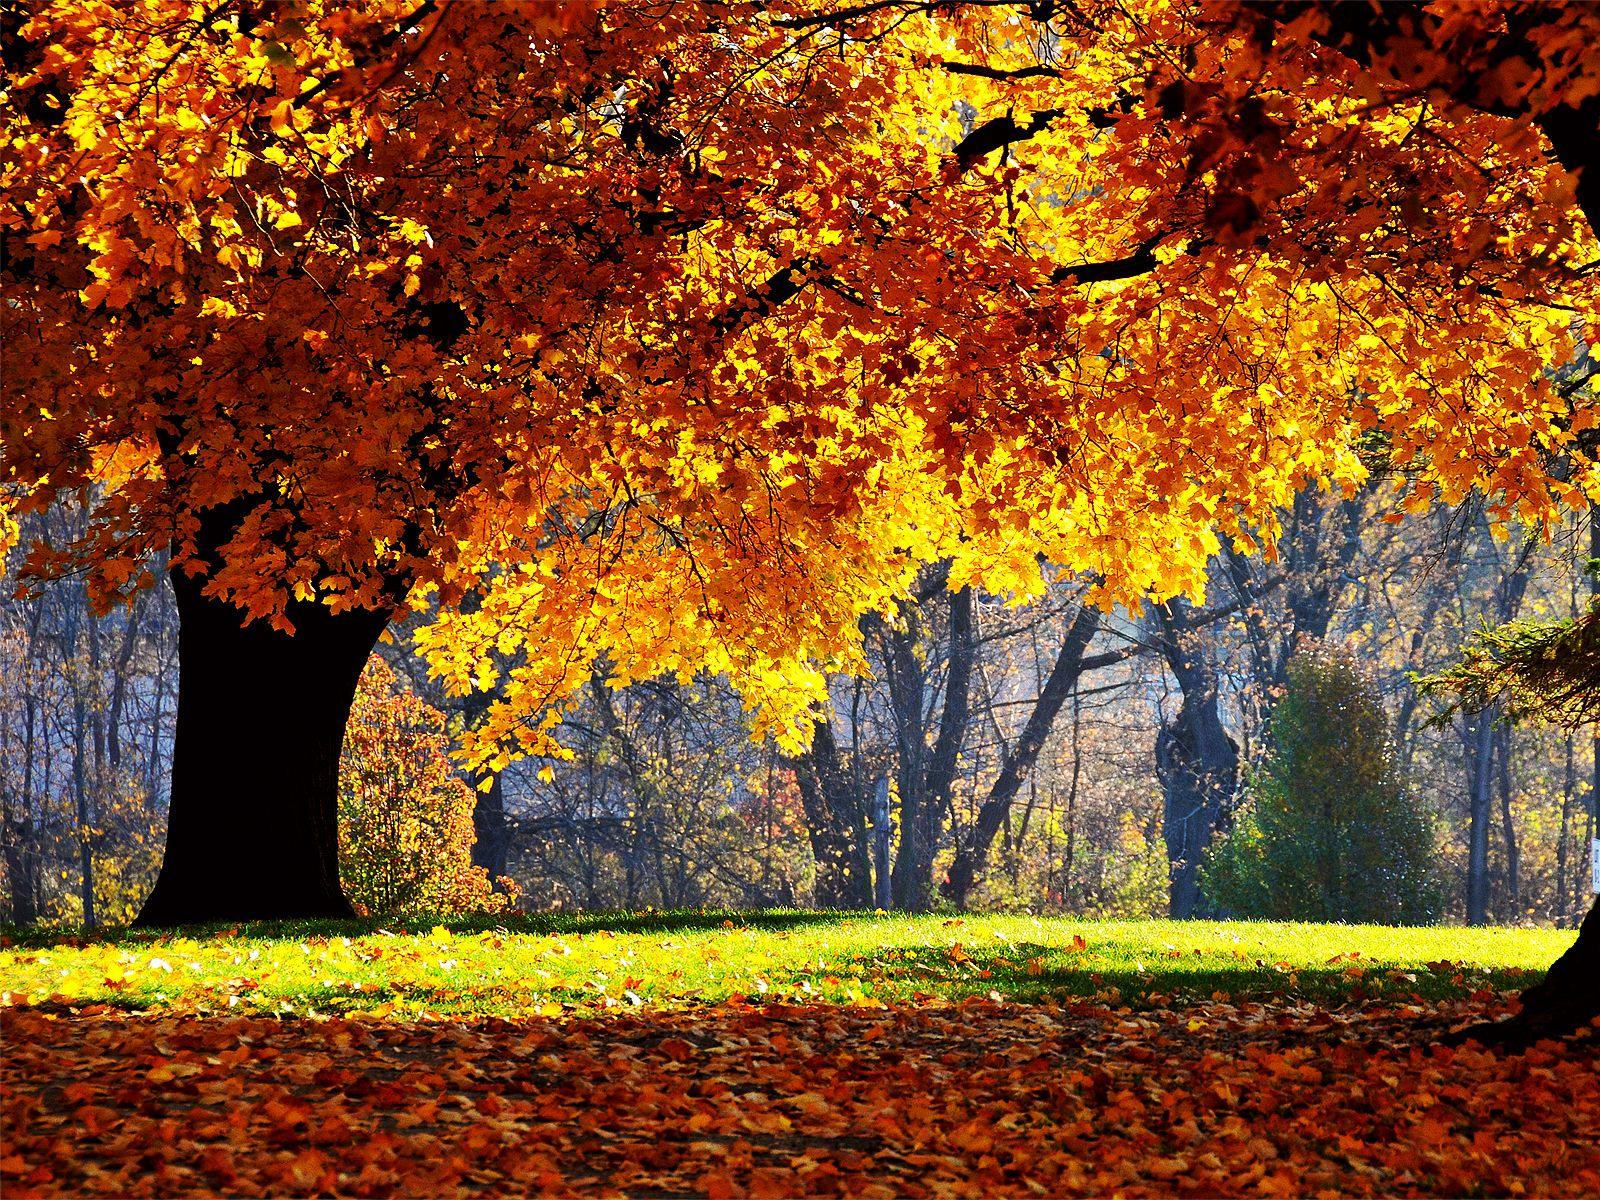 autumn - Cerca con Google